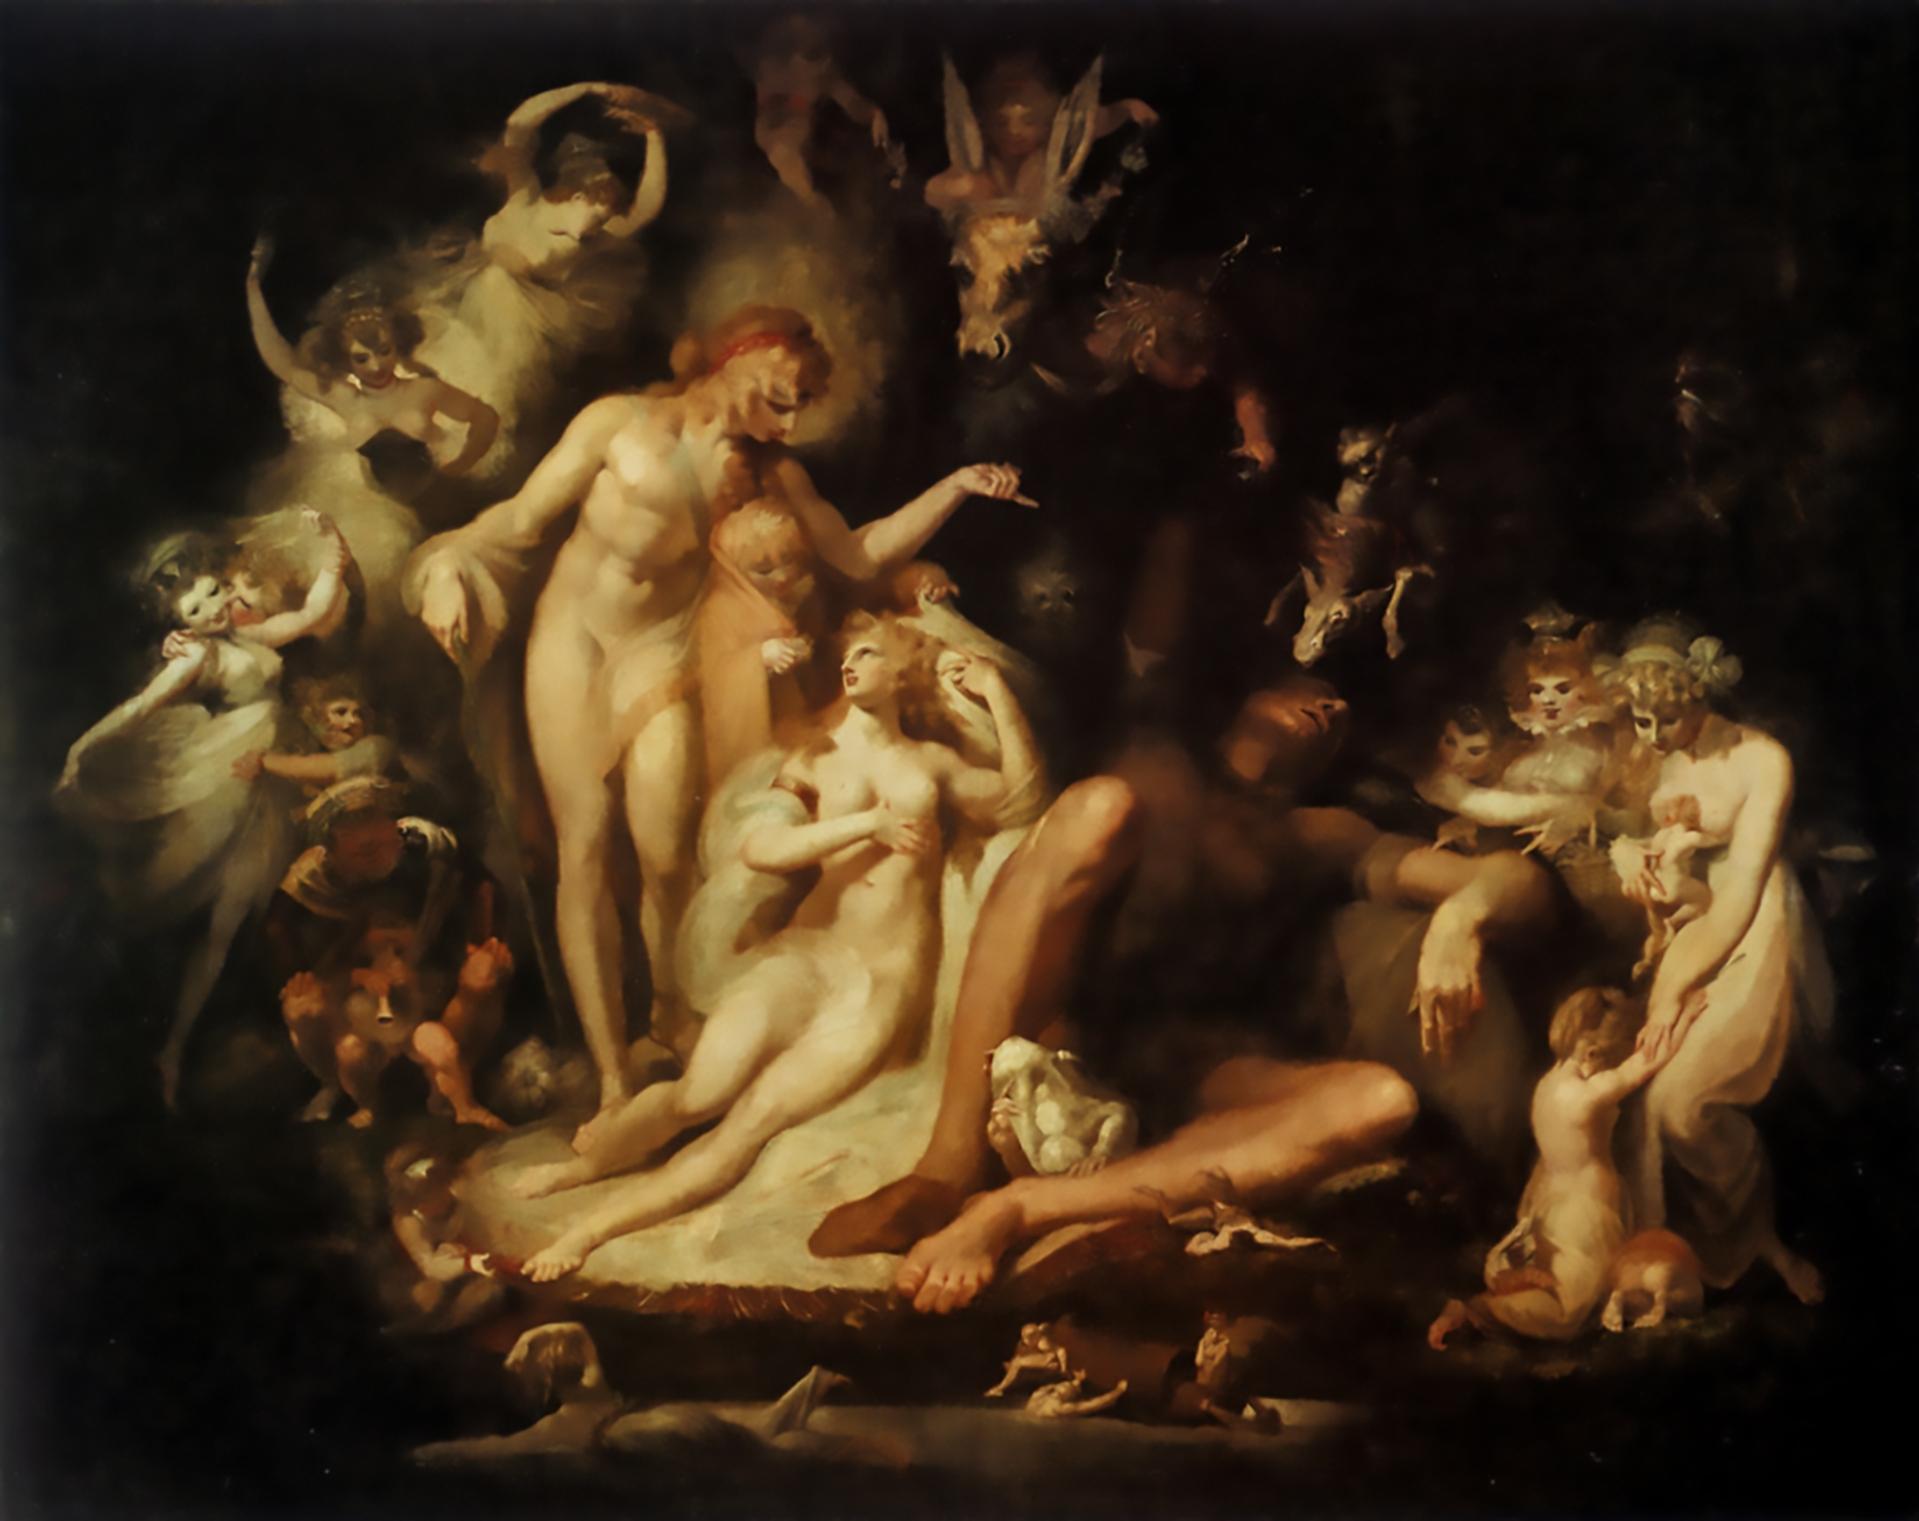 【圖2】Henry Fuseli, Titania's Awakening, 1785 – 1790, Oil on canvas, 222.3×280.7cm, Kunstmuseum, Winterhur